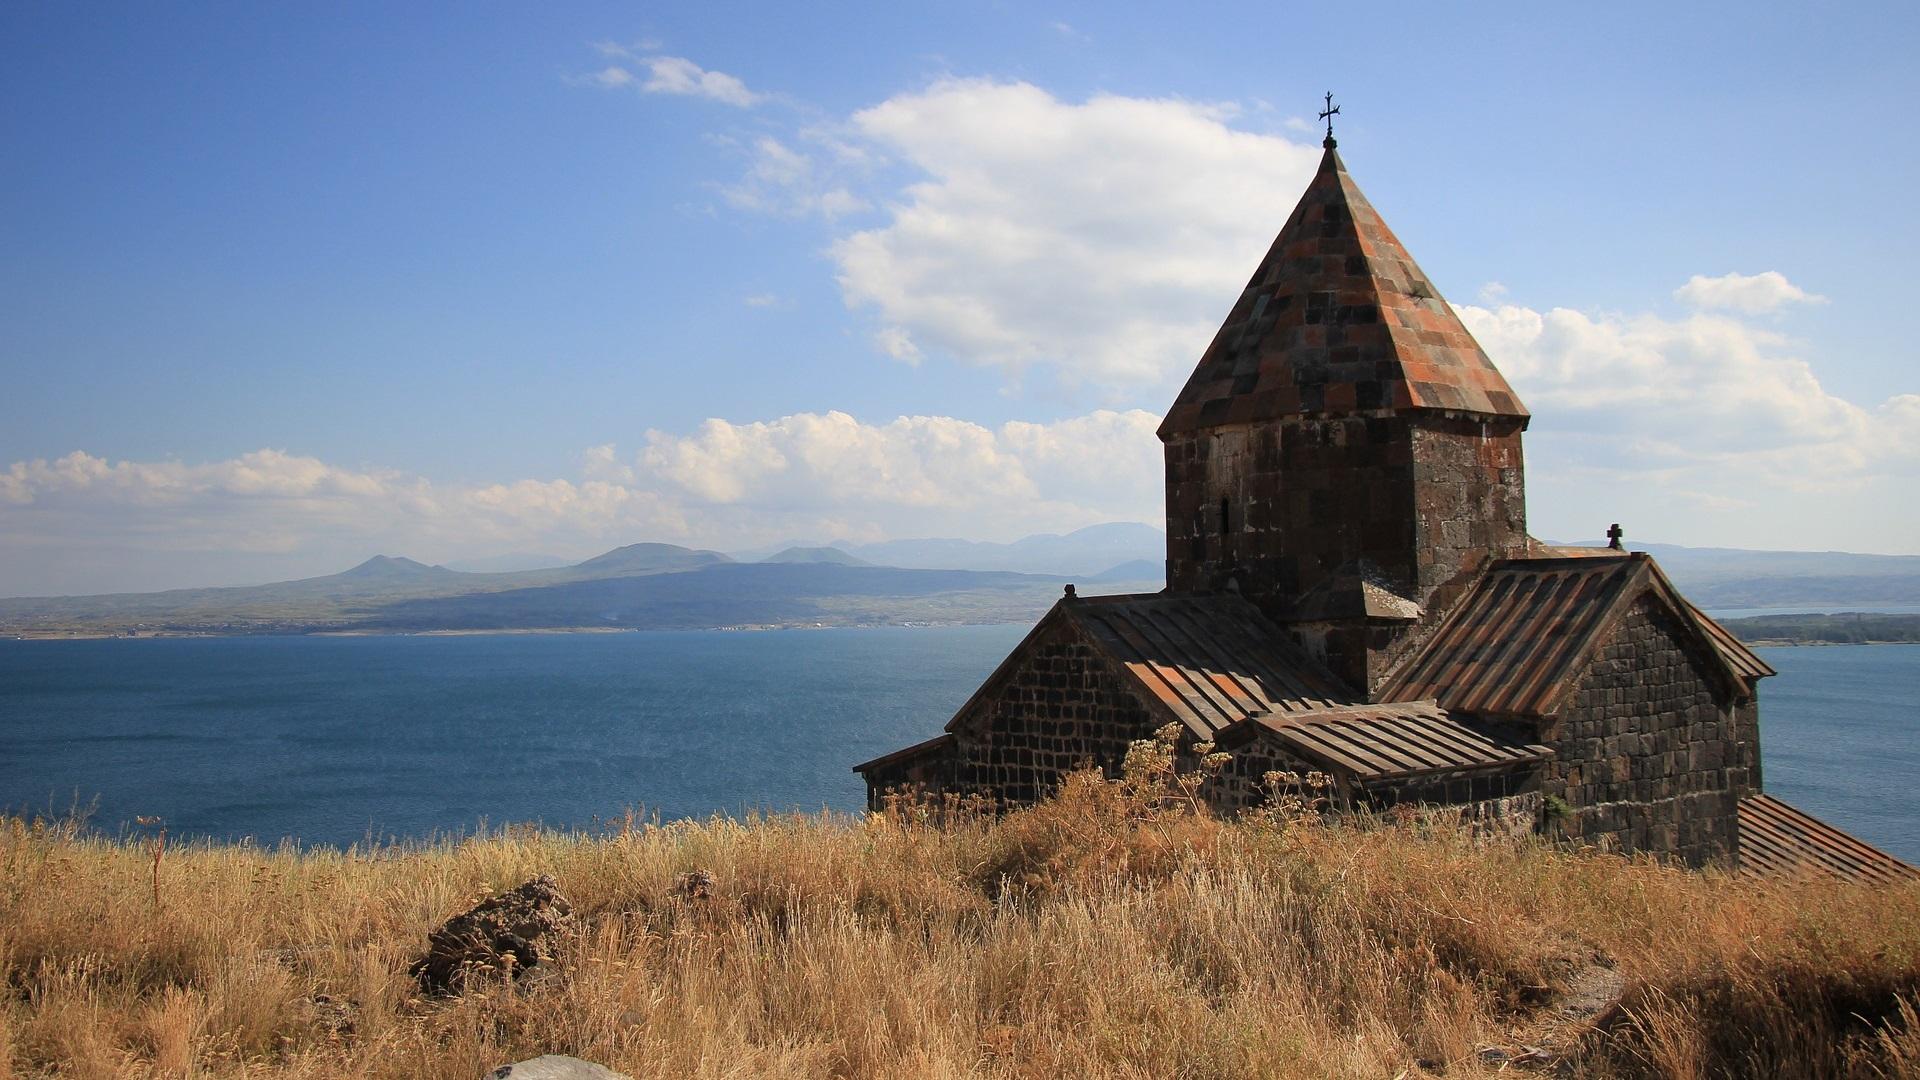 Армения<br /> <br /> През миналата пролет арменците избраха ново, по-либерално правителство и това прави раната по-привлекателна за пътешествениците. В столицата Ереван има луксозни хотели, а редица нови ресторанти вдъхват нов живот на древната арменска кухня. Освен това Армения има изключително красива провинция и няма по-добър начин да я видите, освен пеша.